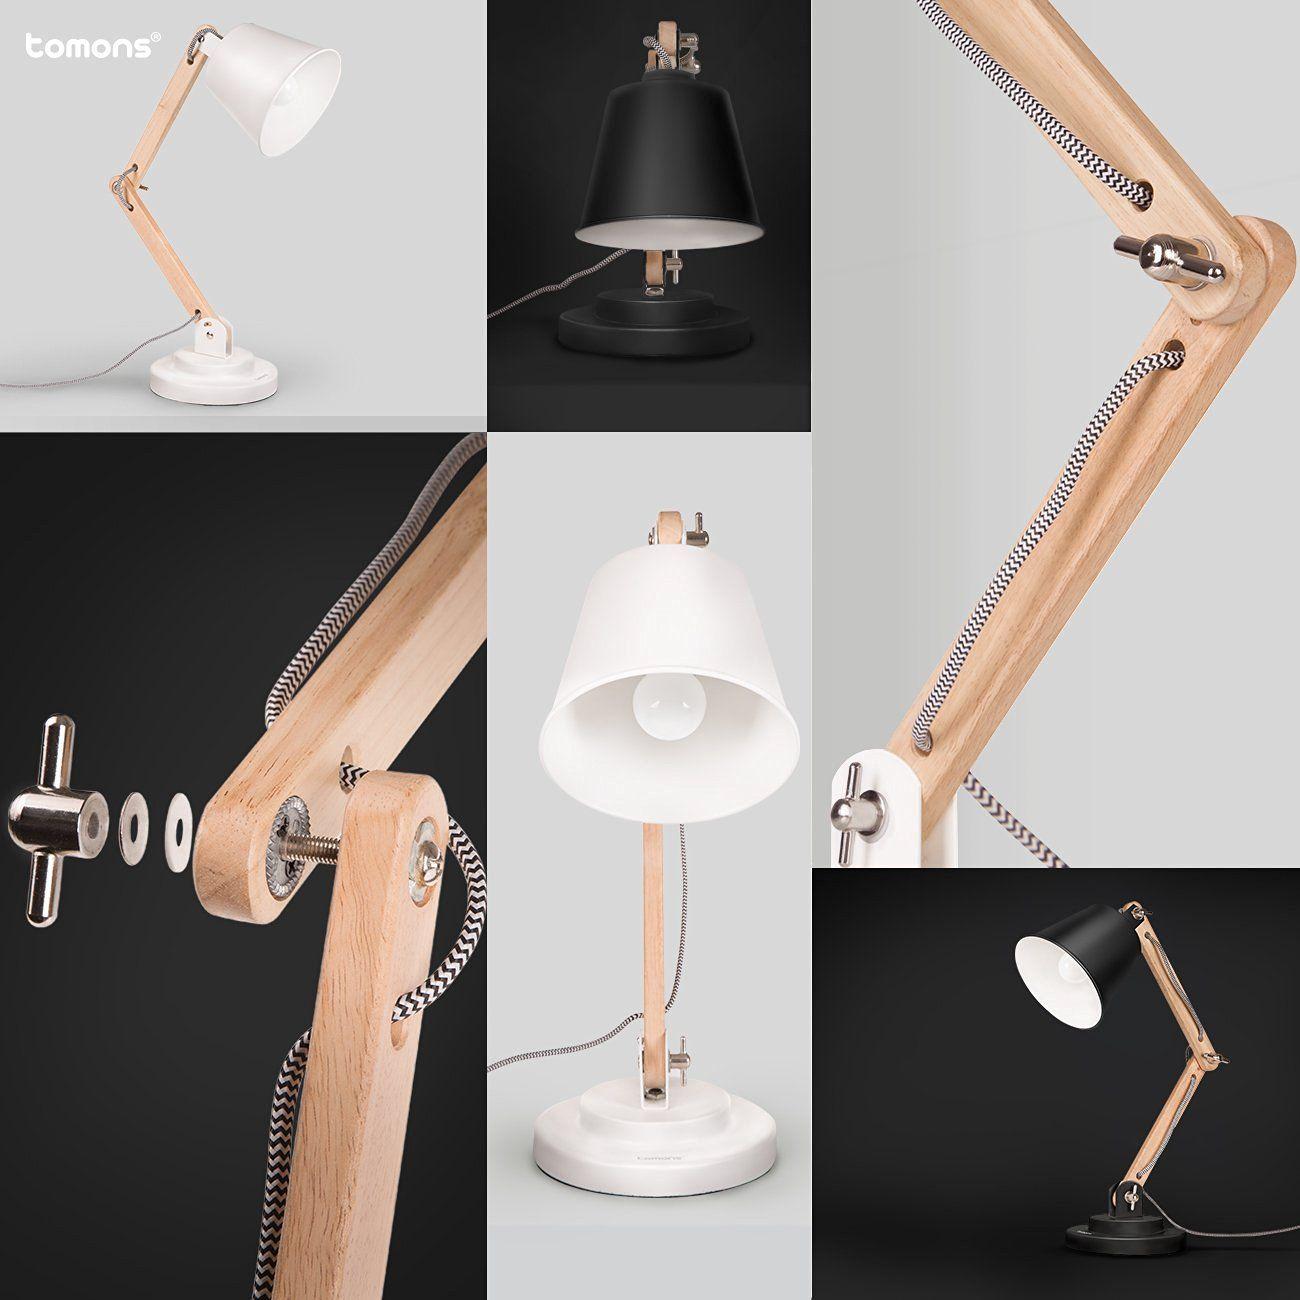 Tomons Schwenkbare Schreibtischlampe Leselampe Retro Amazon De Elektronik Schreibtischlampe Lampe Holztischlampen